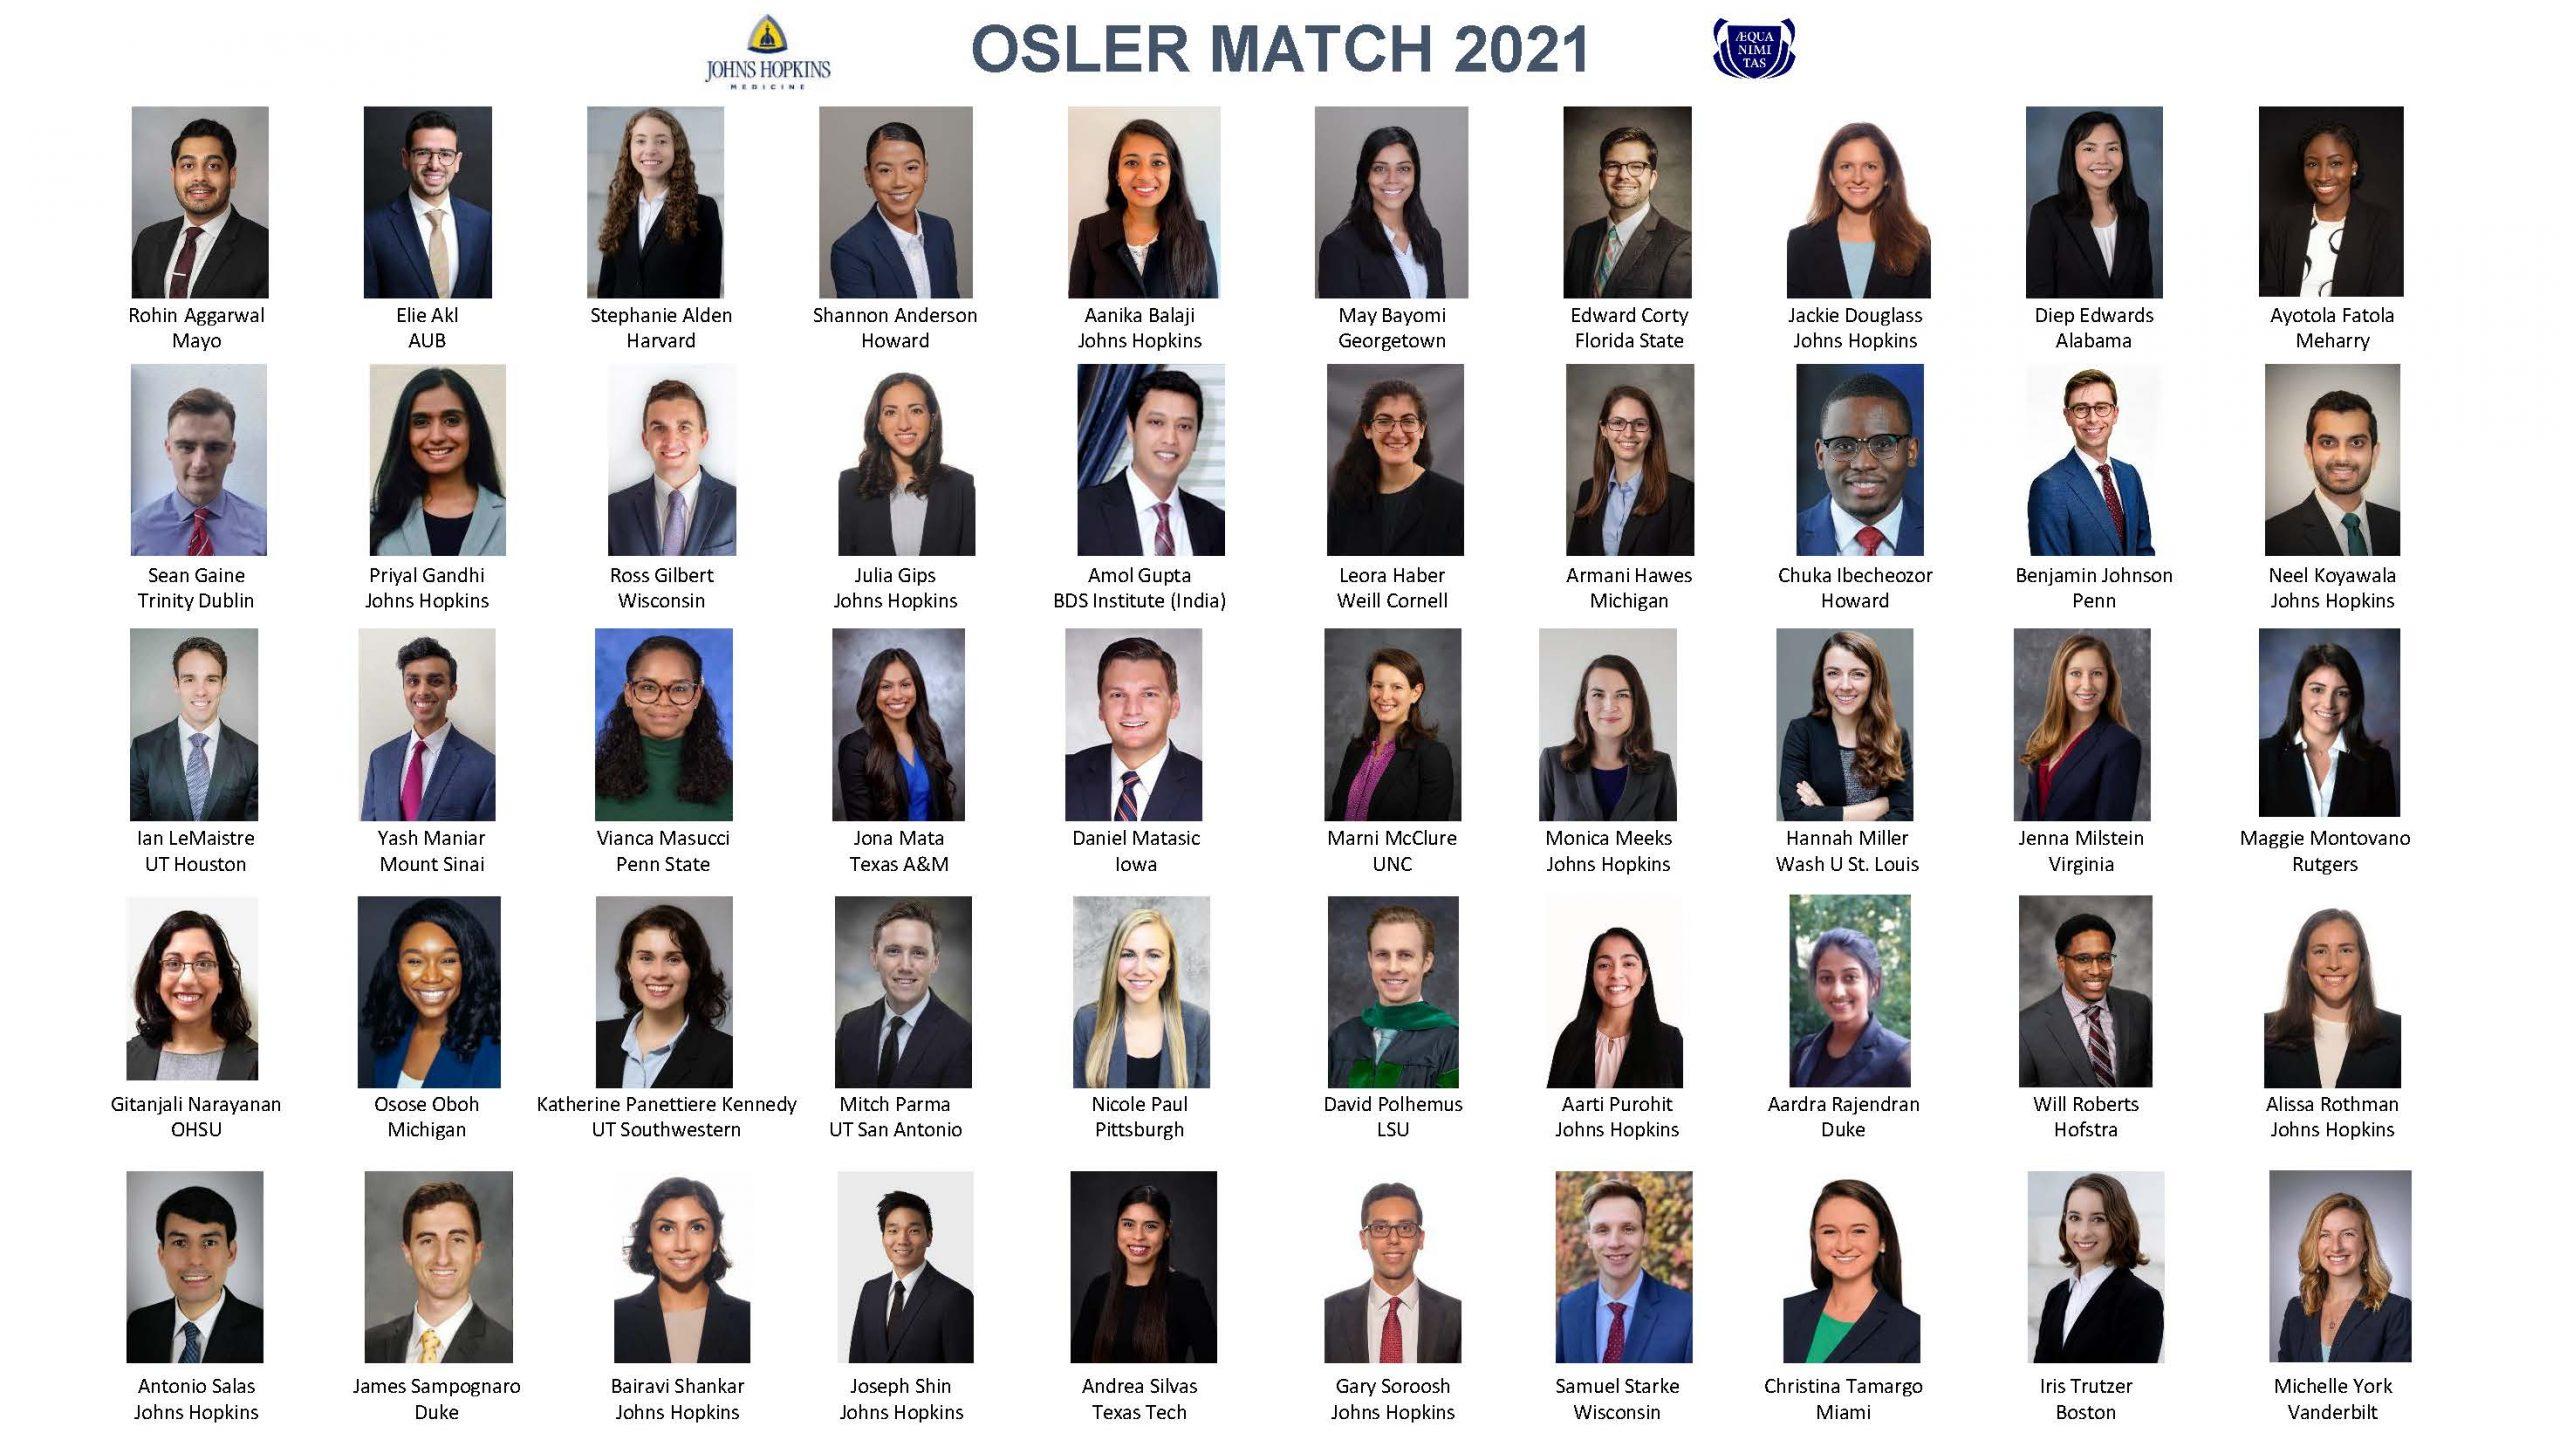 Osler Match 2021